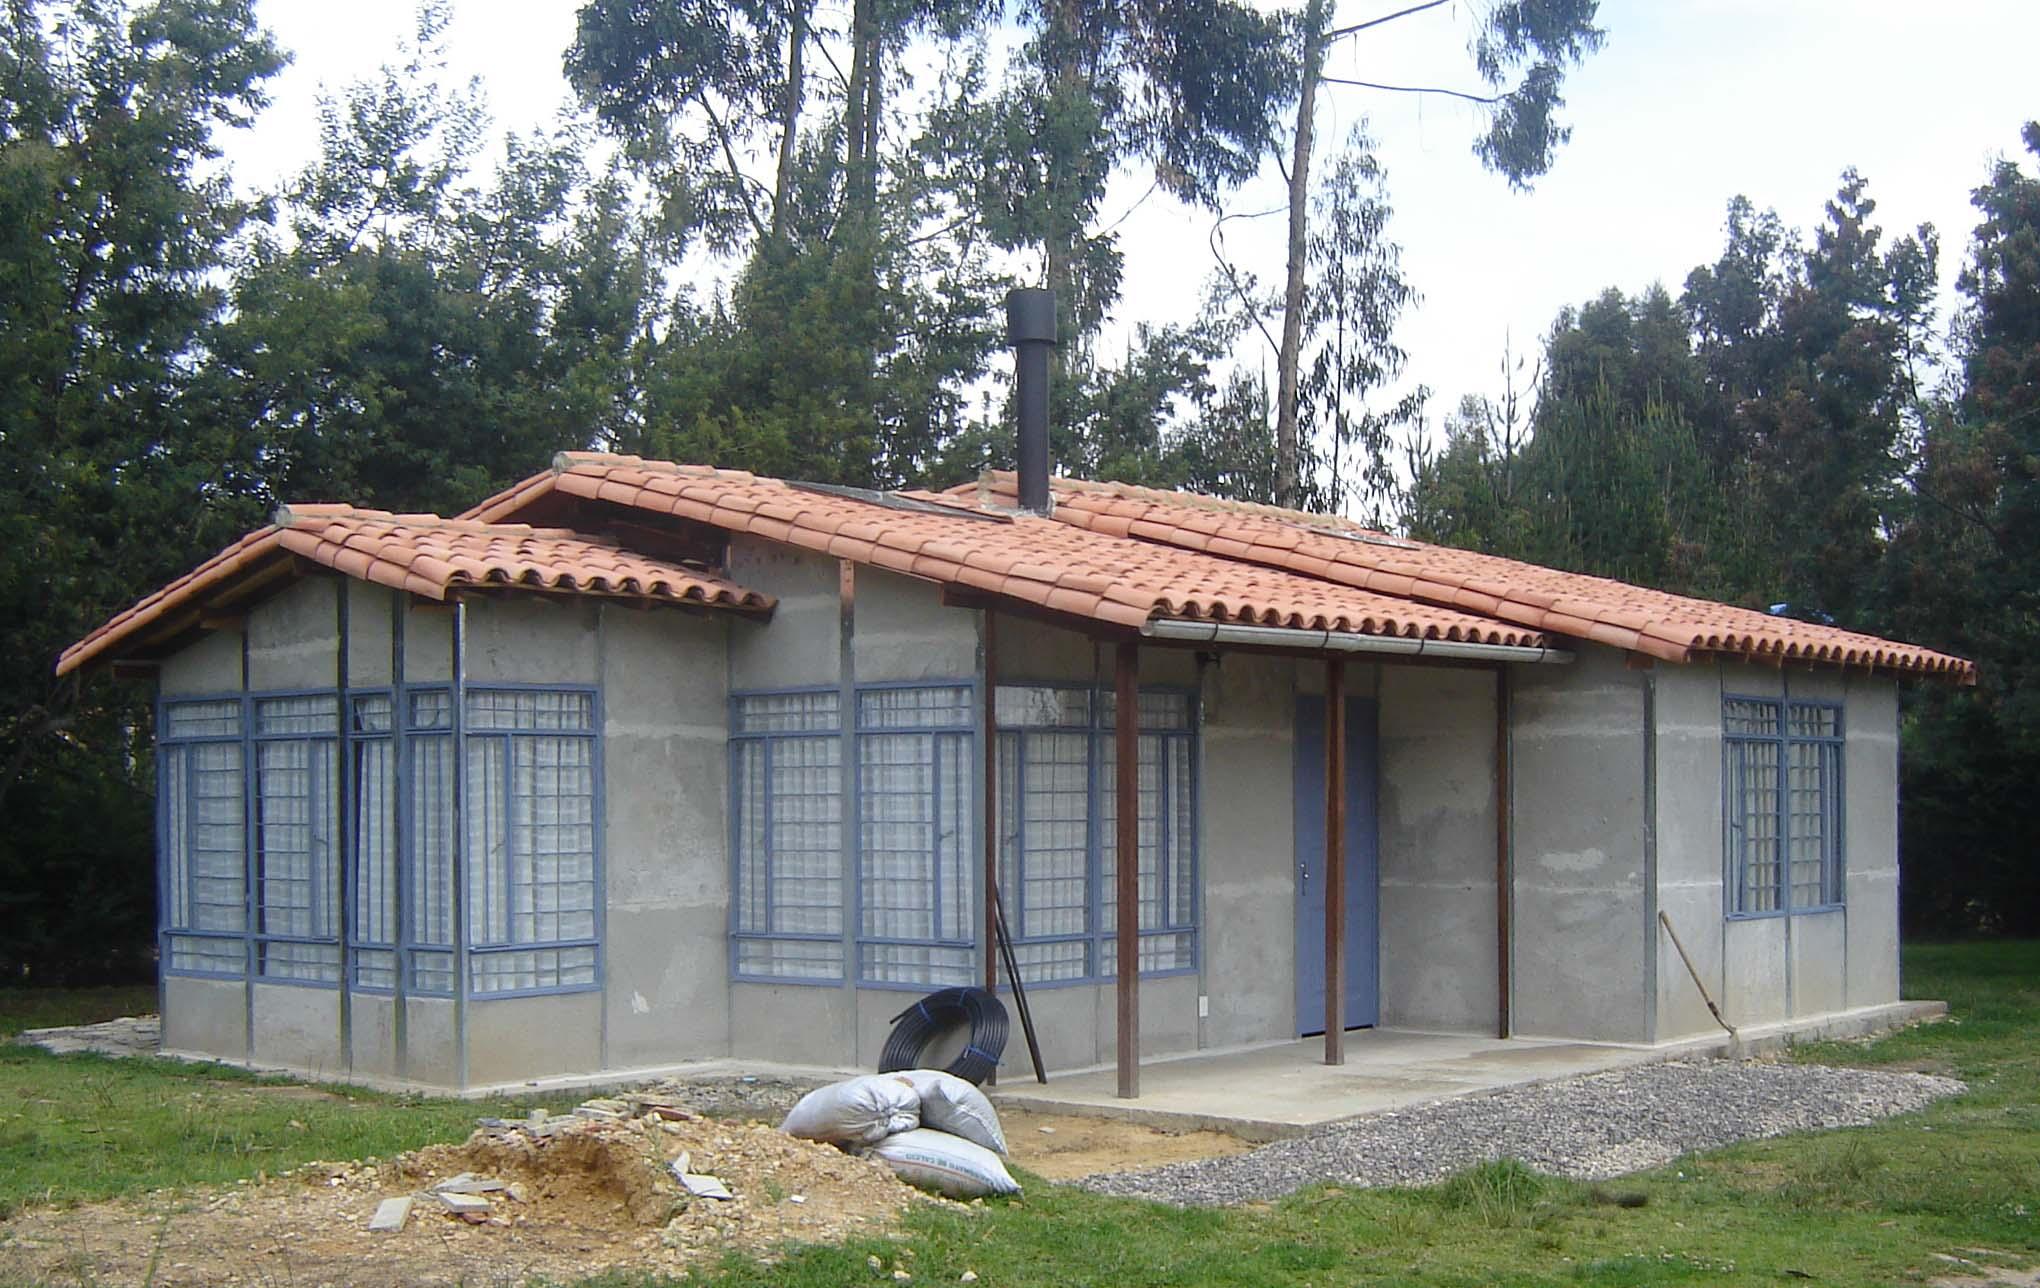 Casa en constructor disenos de casas prefabricadas costa rica - Disenos de casas ...